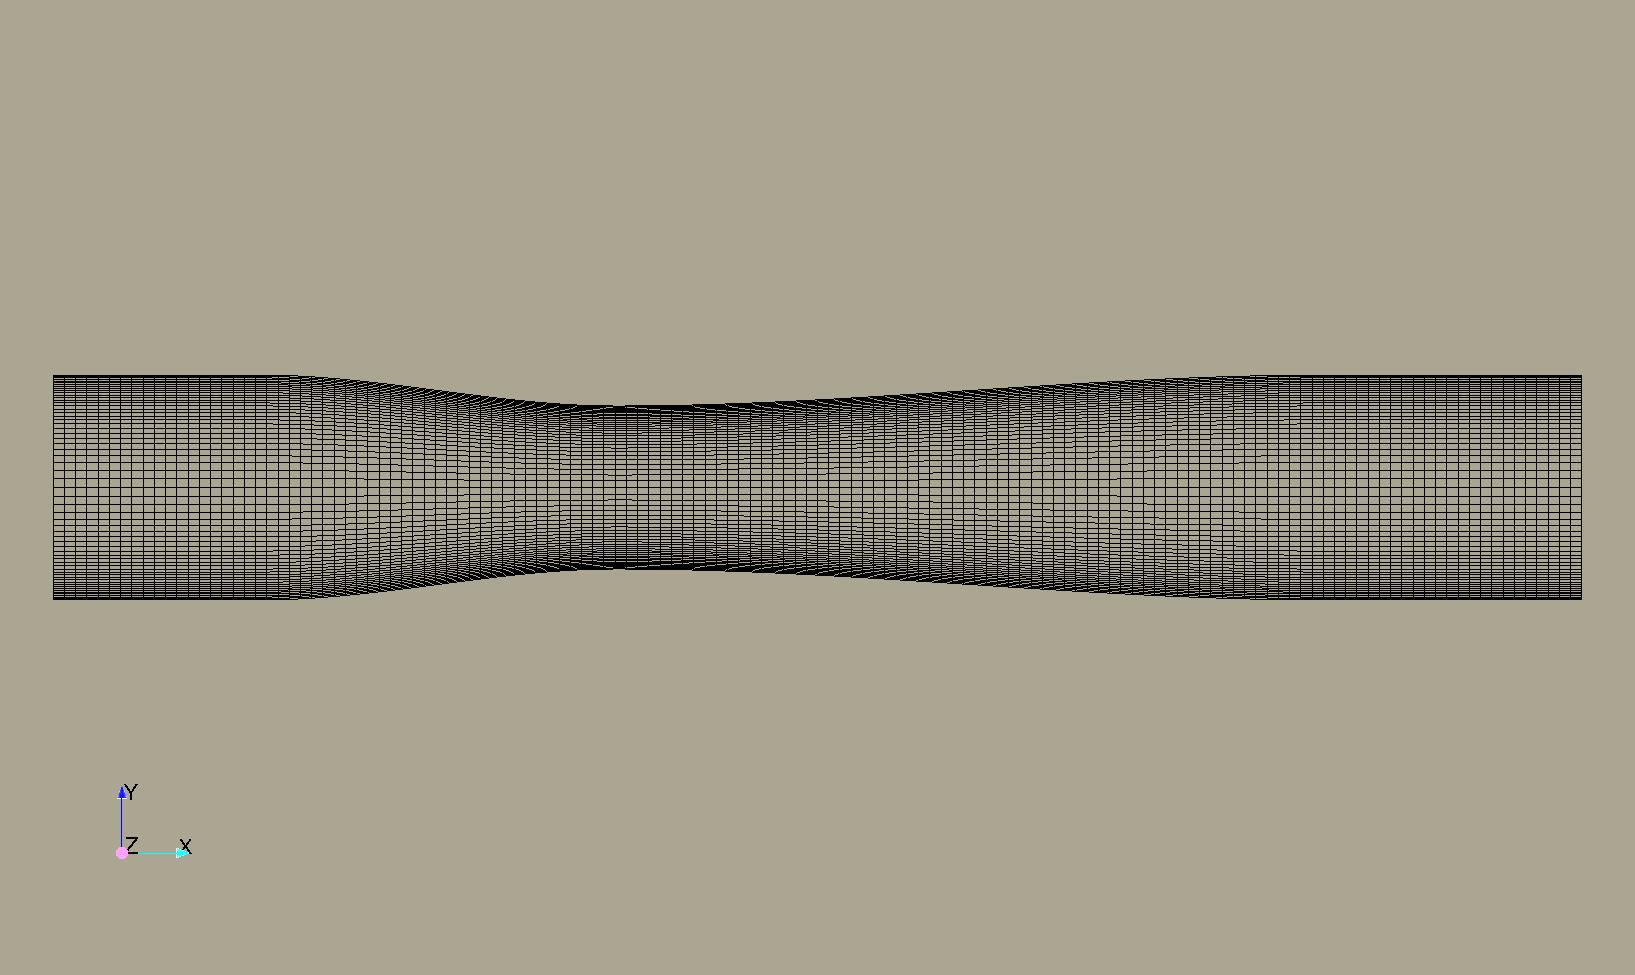 Текущи резултати от разработката на числени реализации по изчислителна флуидна динамика в институт за космически изследвания – БАН